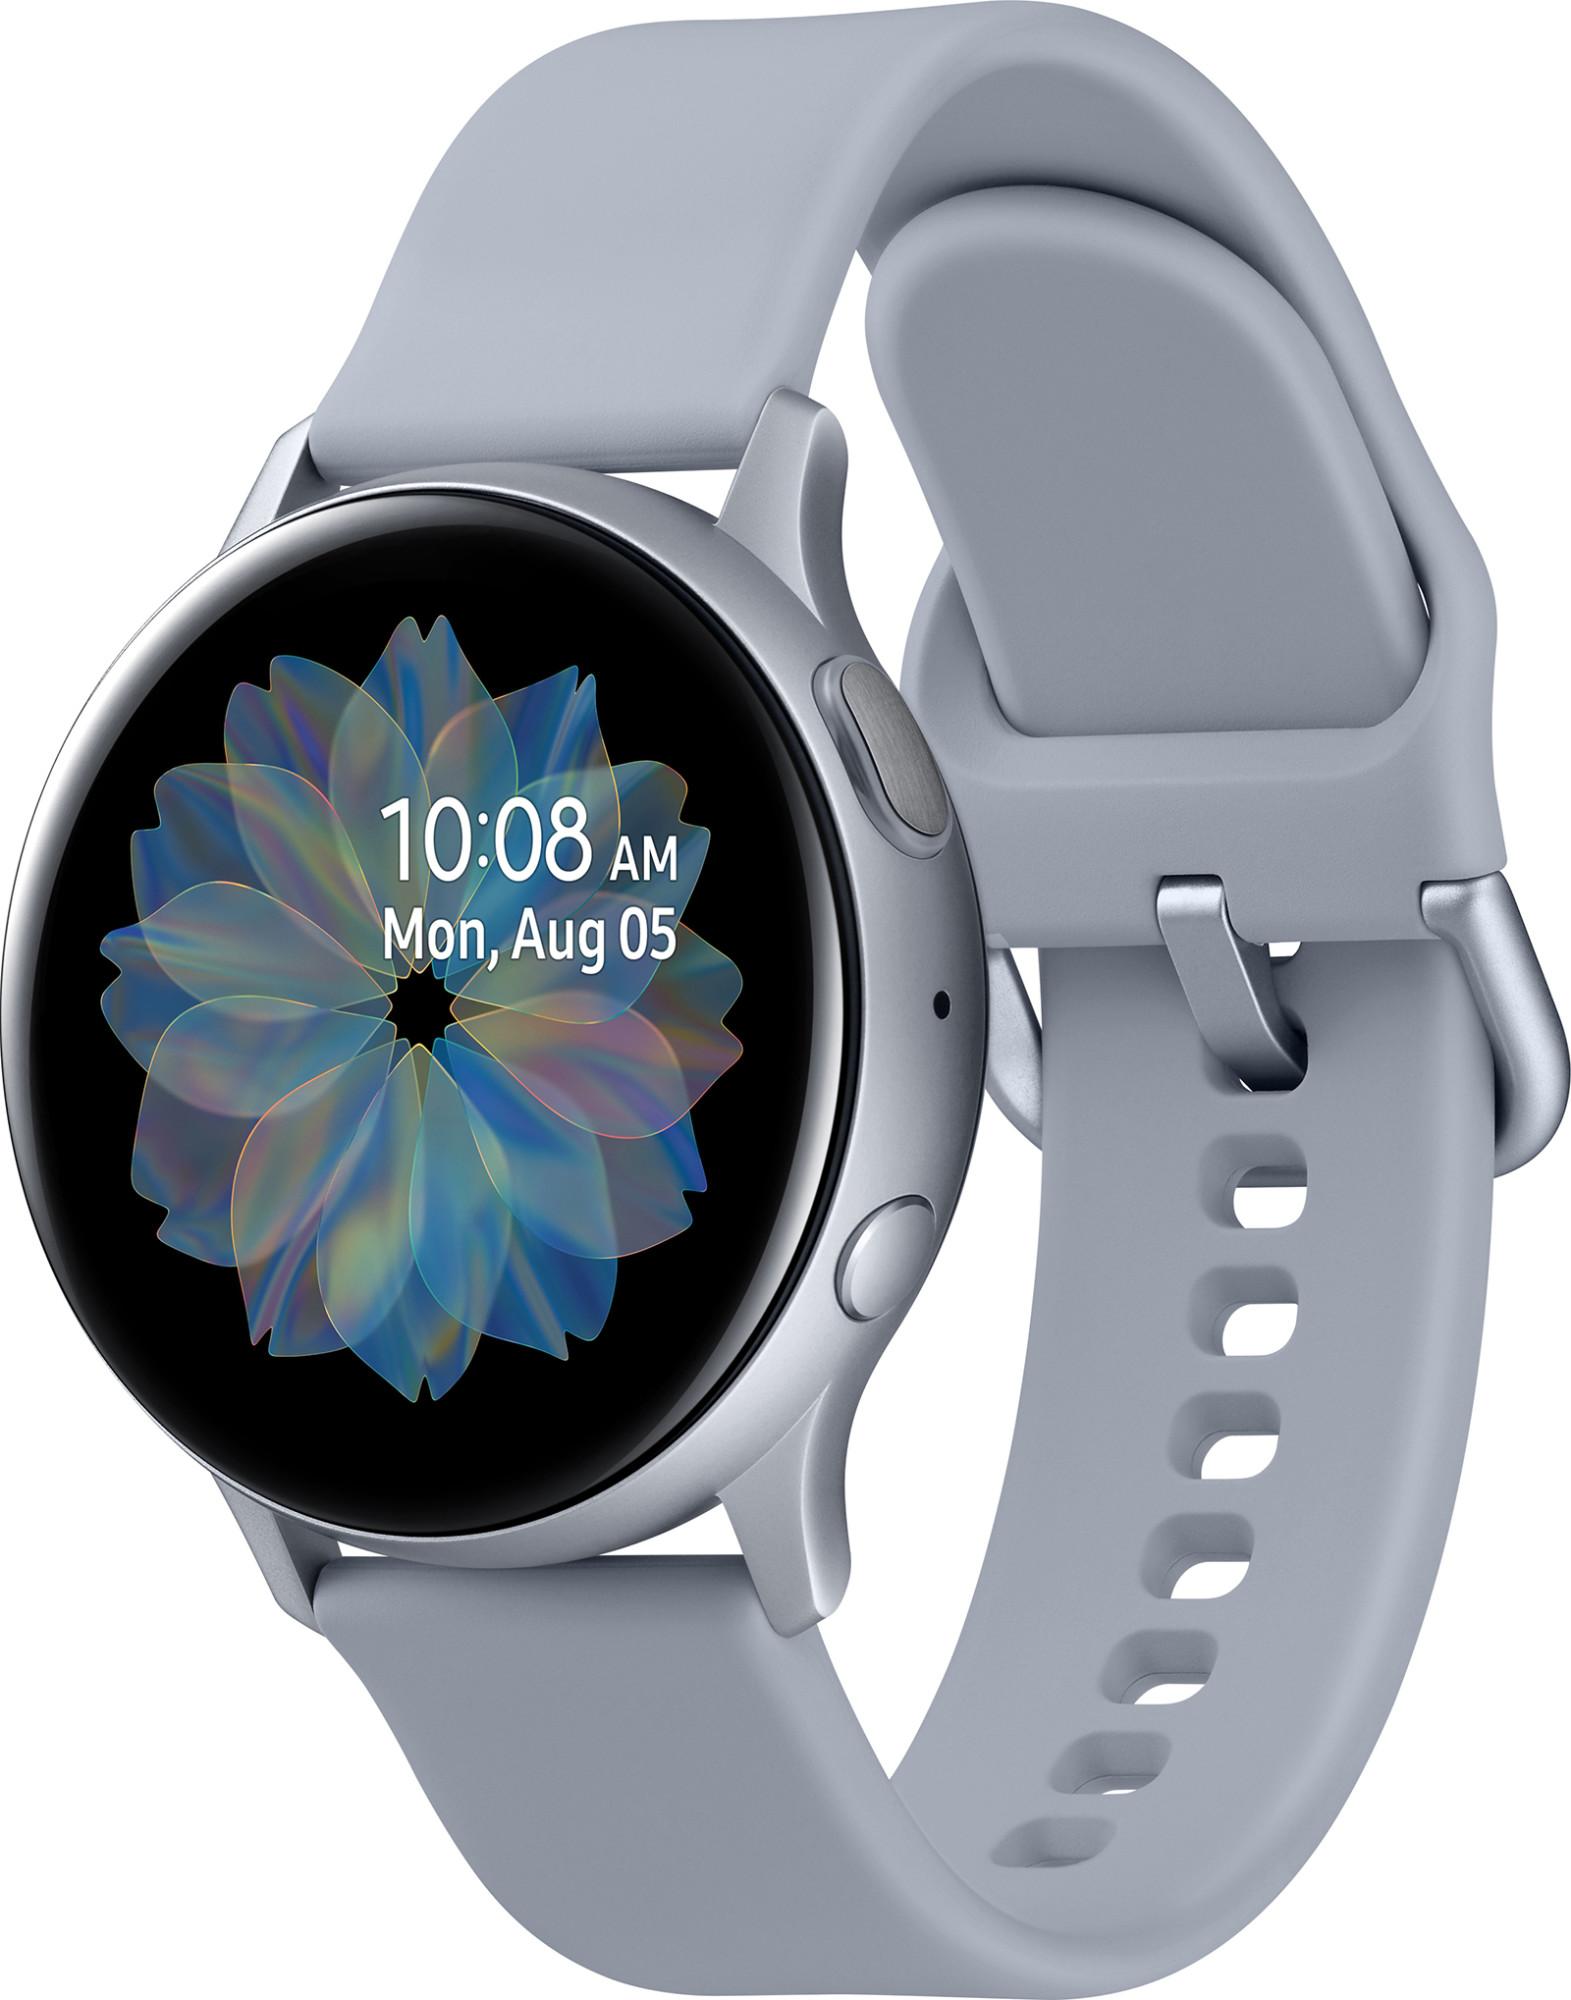 Купить Смарт-часы и браслеты, Смарт-часы Samsung Galaxy Watch Active 2 44mm Silver Aluminium (SM-R820NZSA)